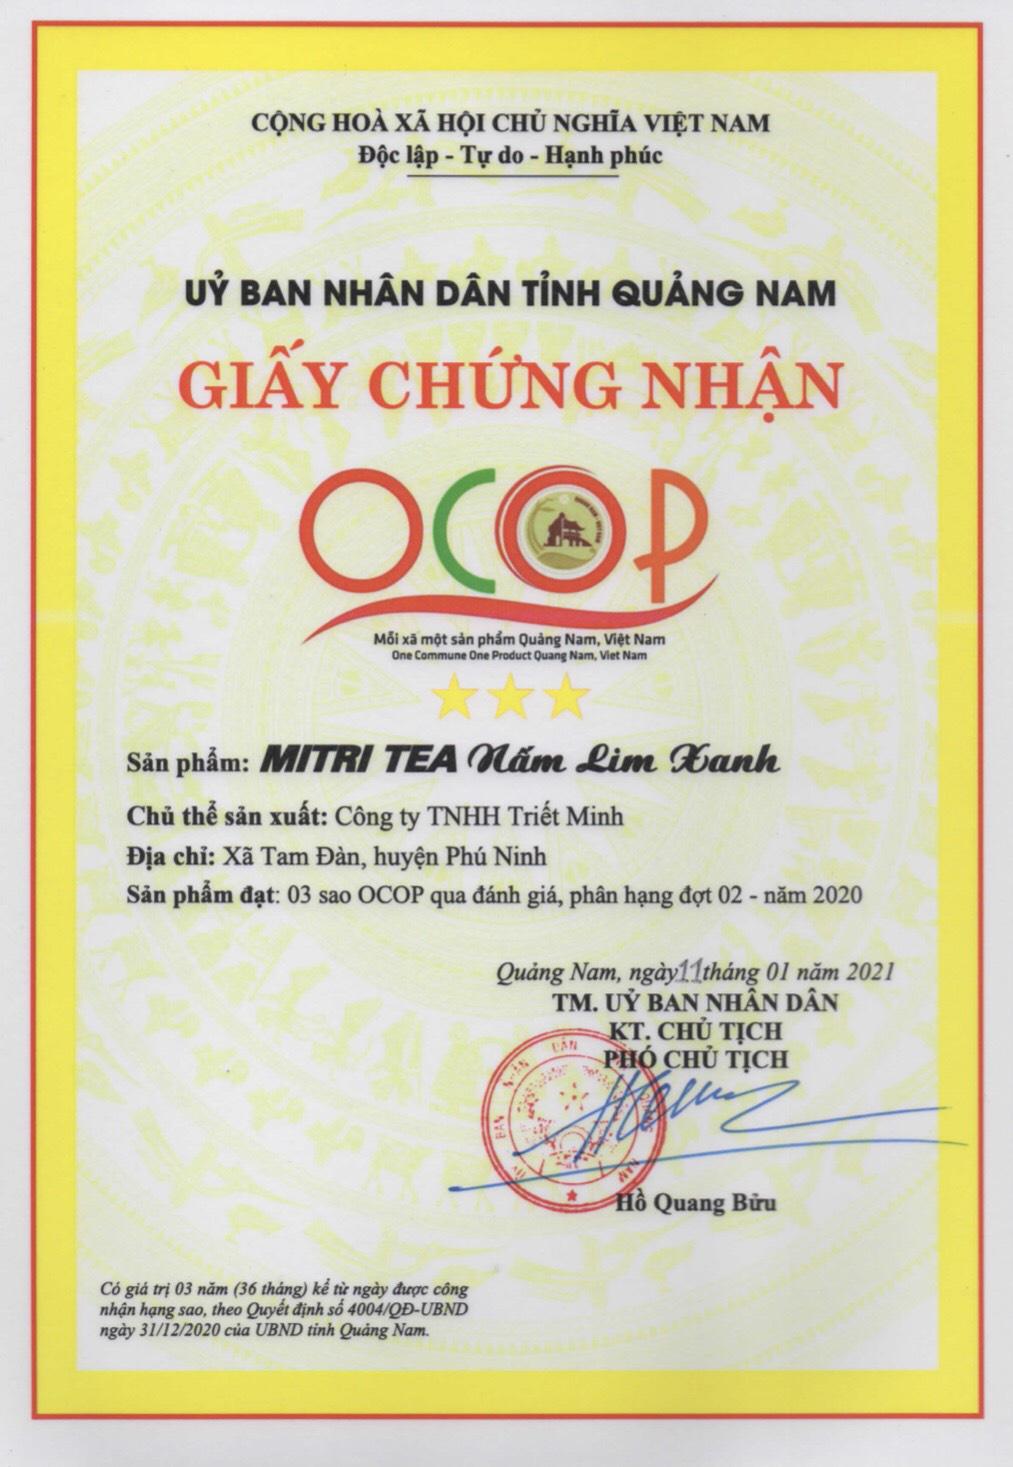 """Quảng Nam: Hai sản phẩm quý hơn """"vàng"""" được công nhận 3 sao OCOP - Ảnh 2."""